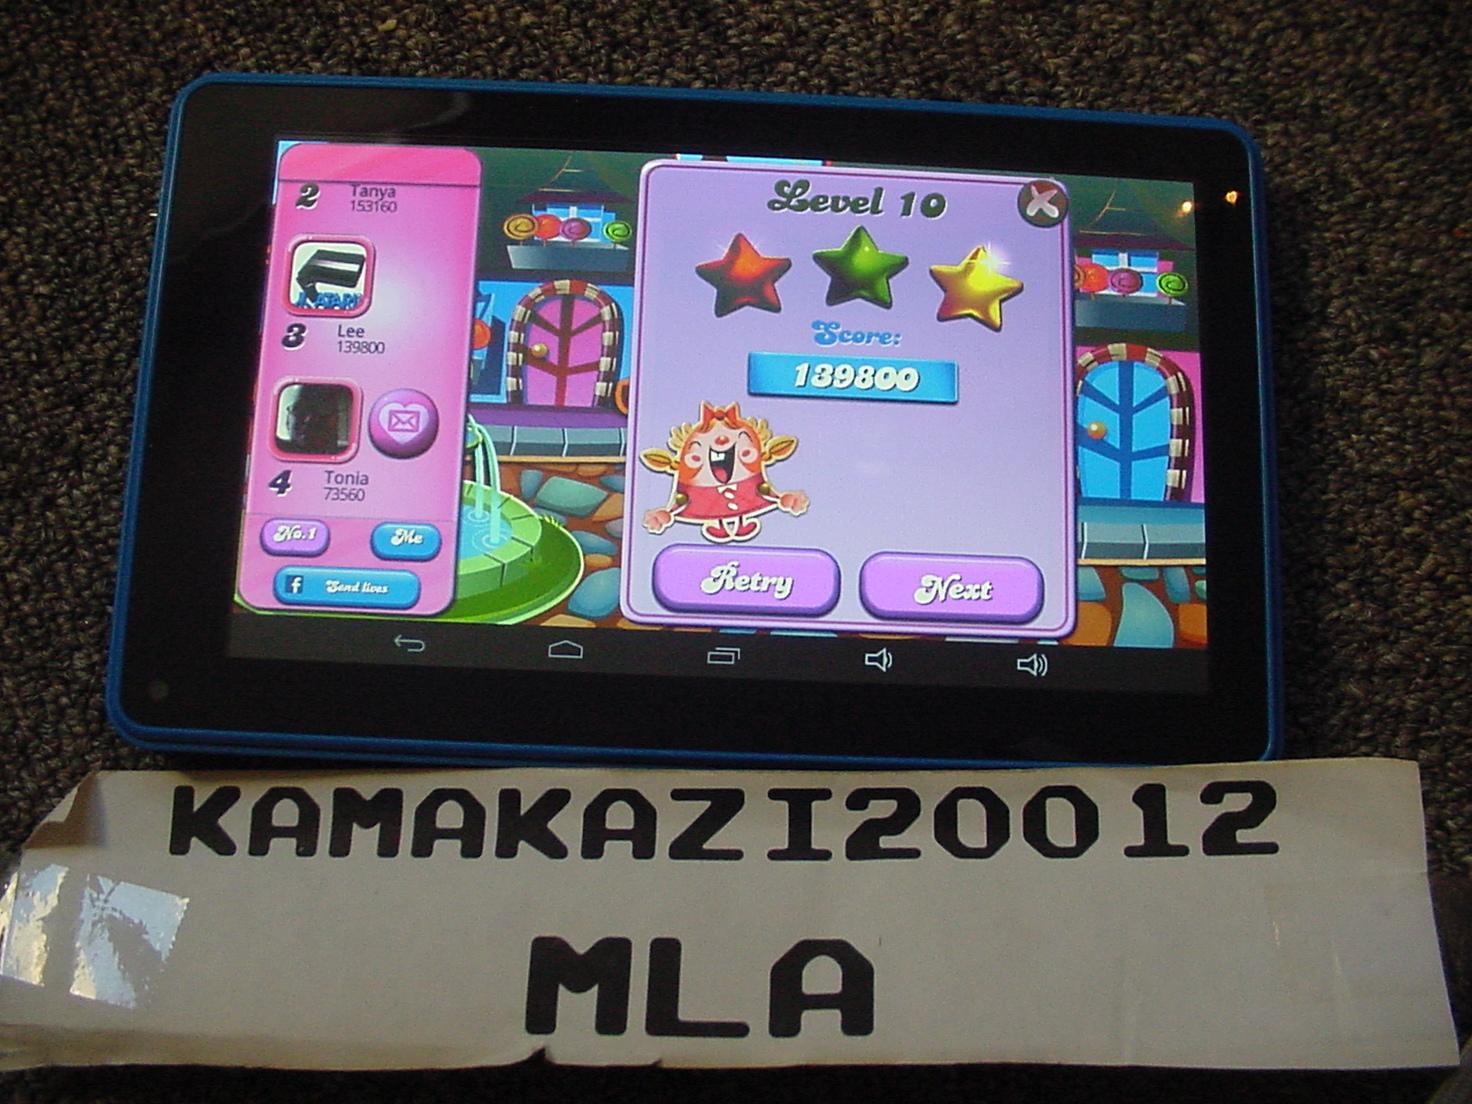 kamakazi20012: Candy Crush Saga: Level 0010 (Android) 139,800 points on 2015-07-13 08:02:41